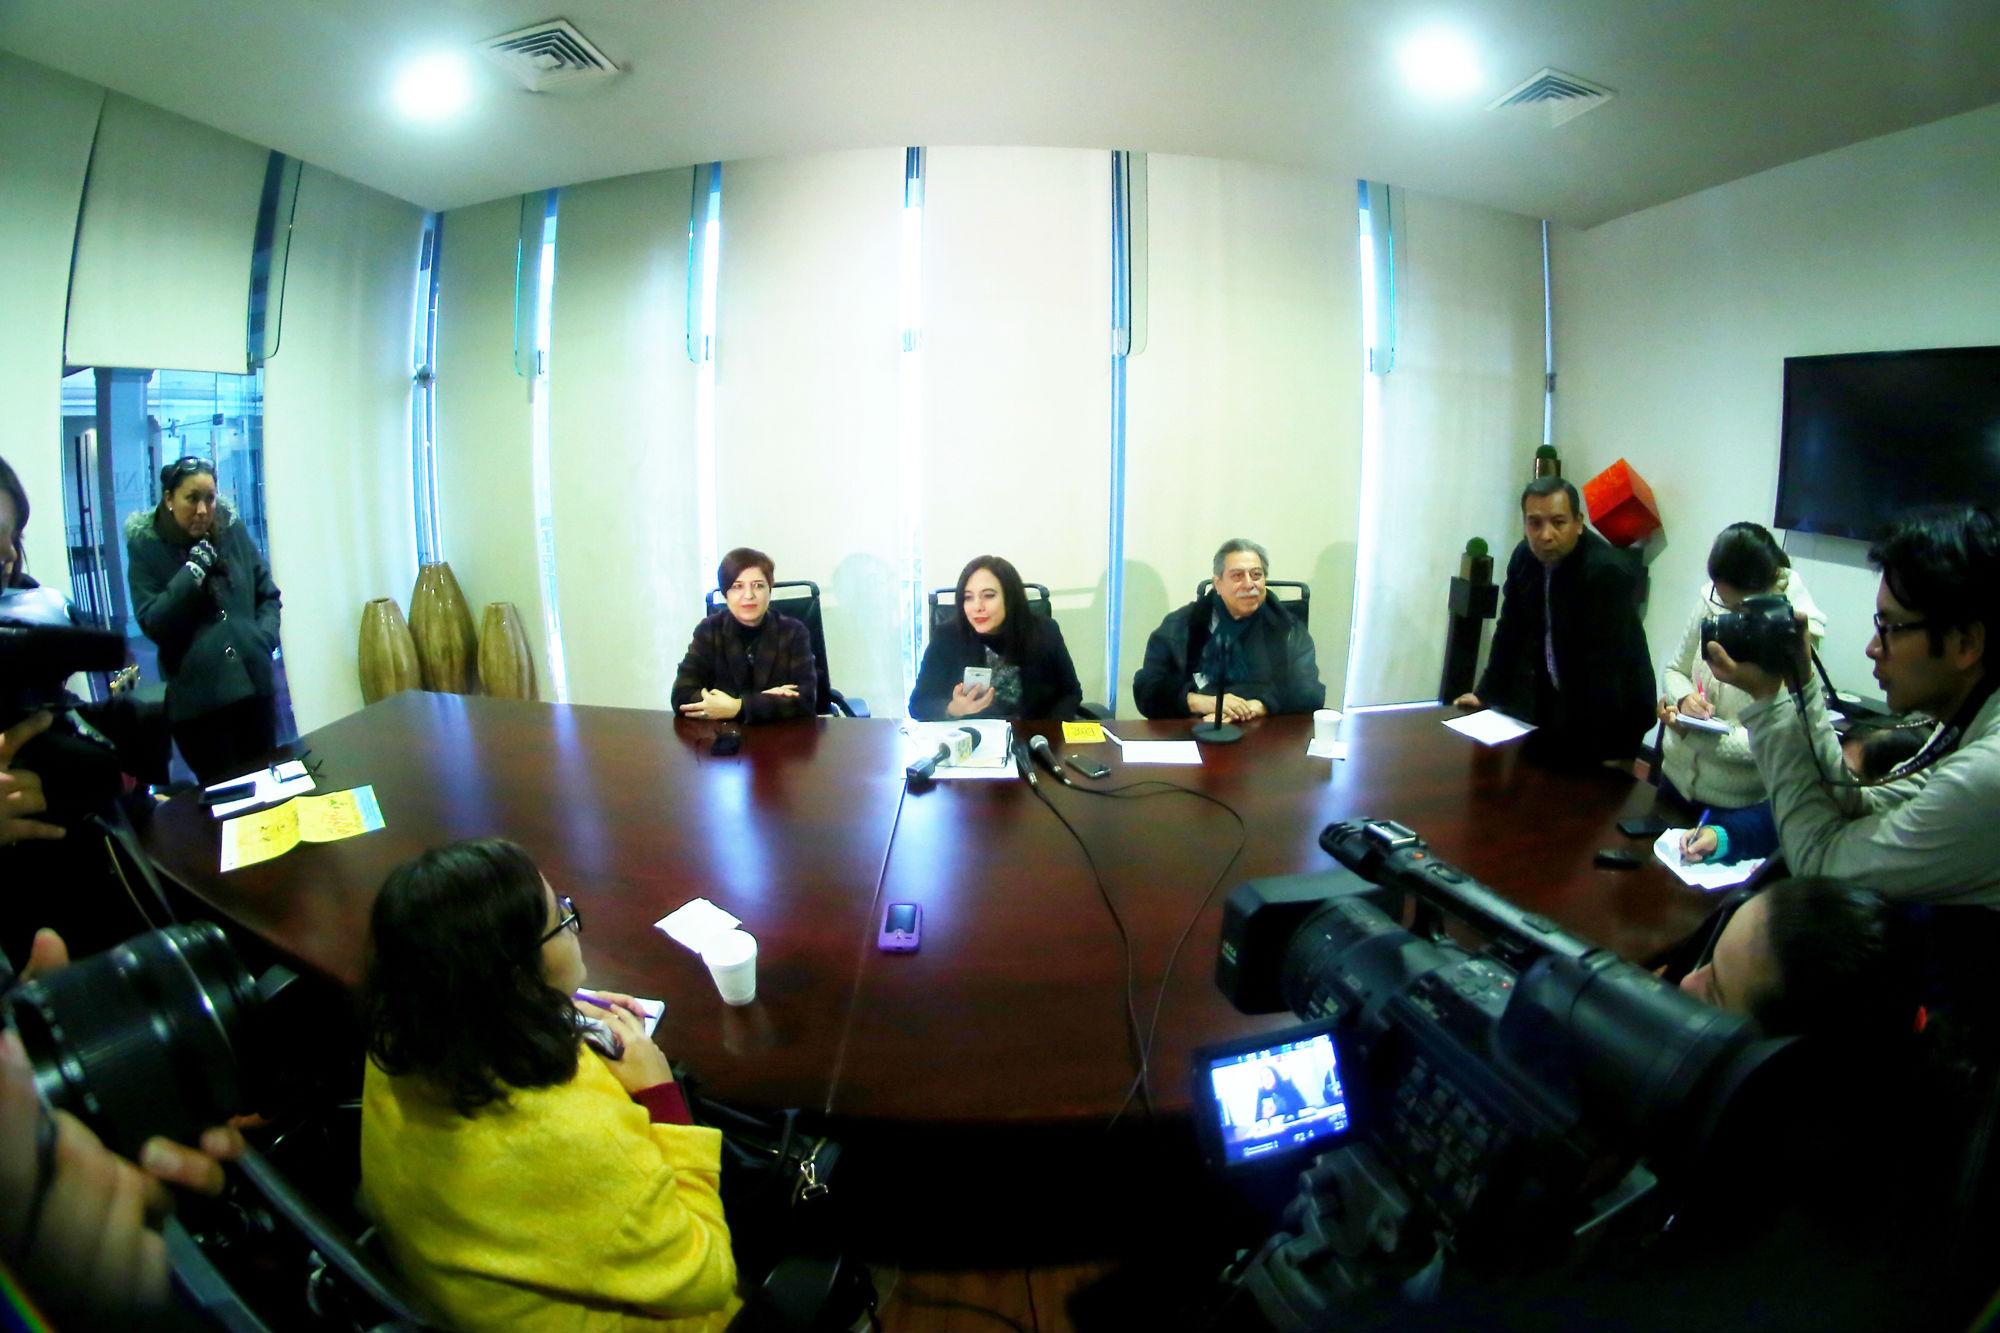 La rueda de prensa se llevó a cabo en Colegio Civil Centro Cultural Universitario